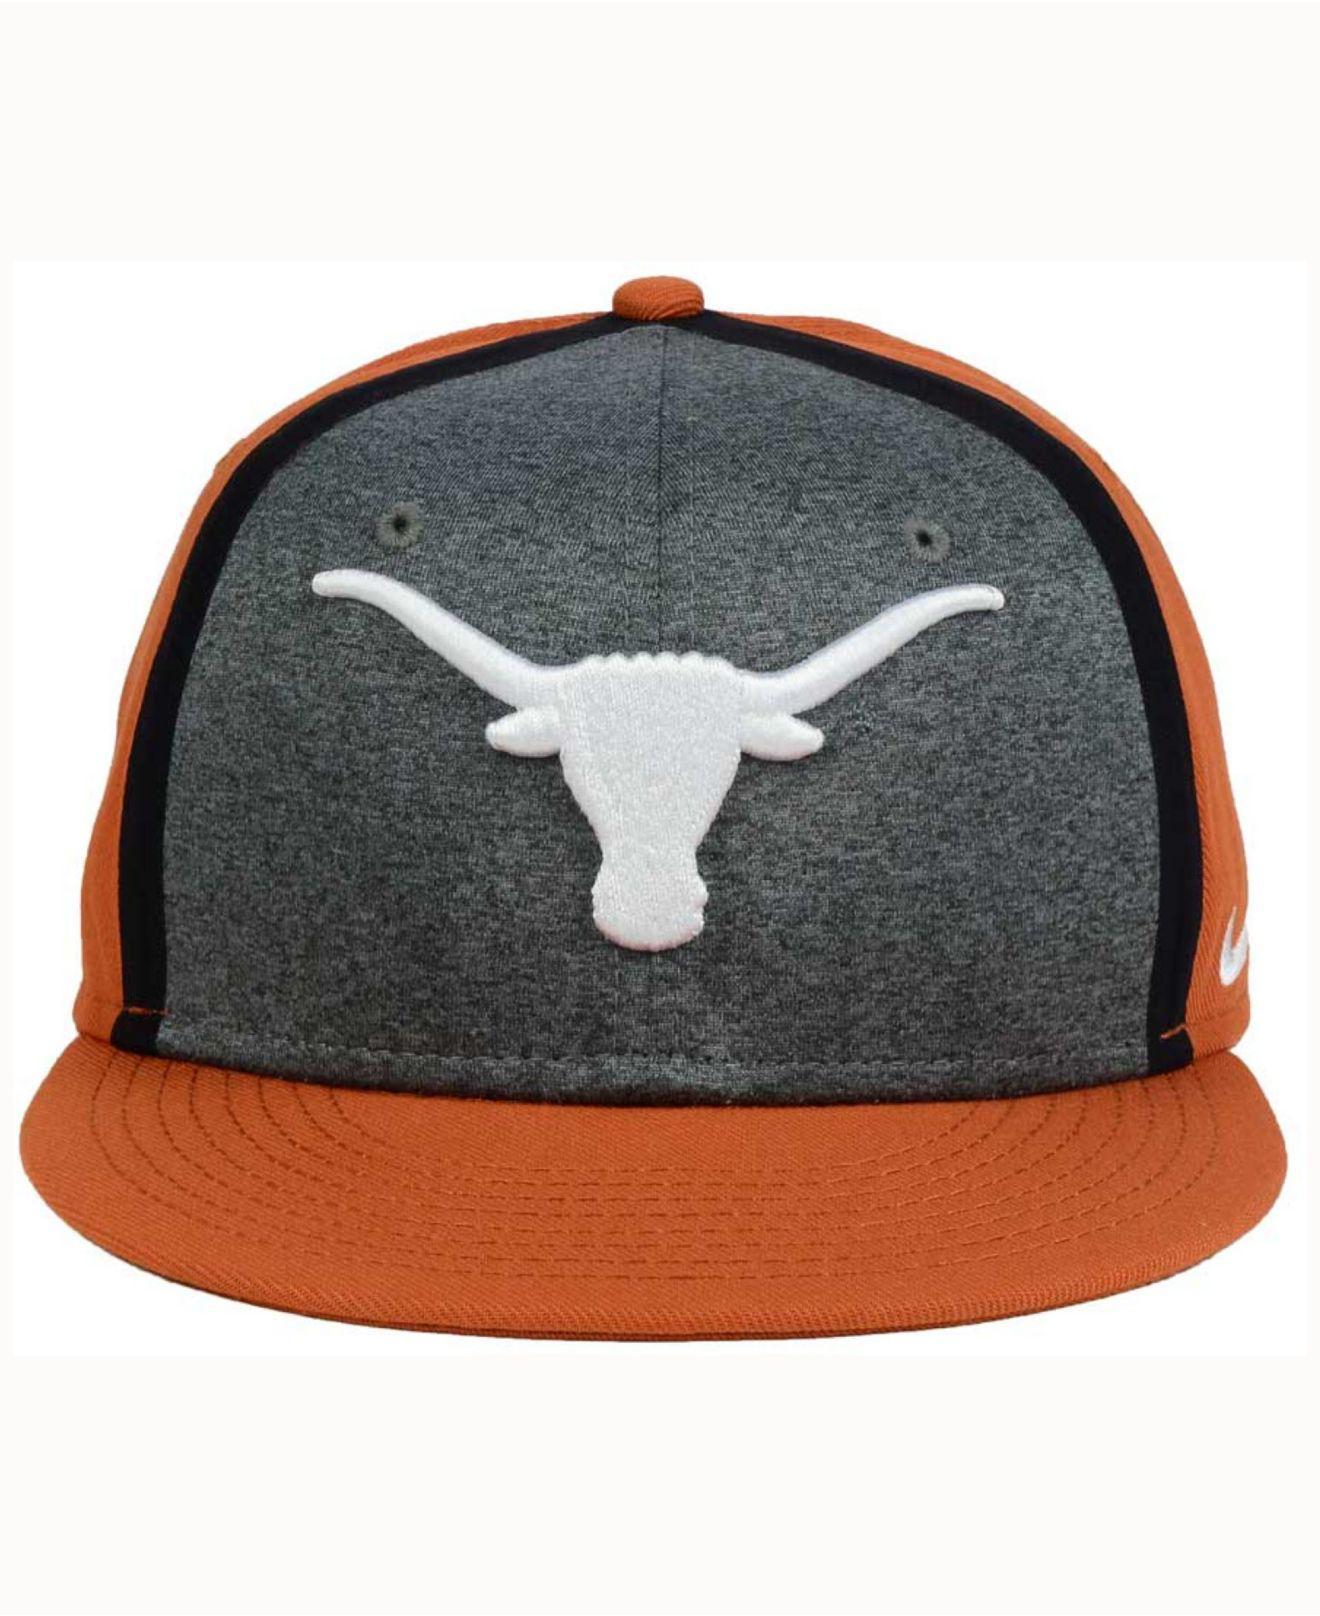 b89c6fded16e7 ... spain lyst nike texas longhorns sideline true adjustable cap for men  c0132 4288c